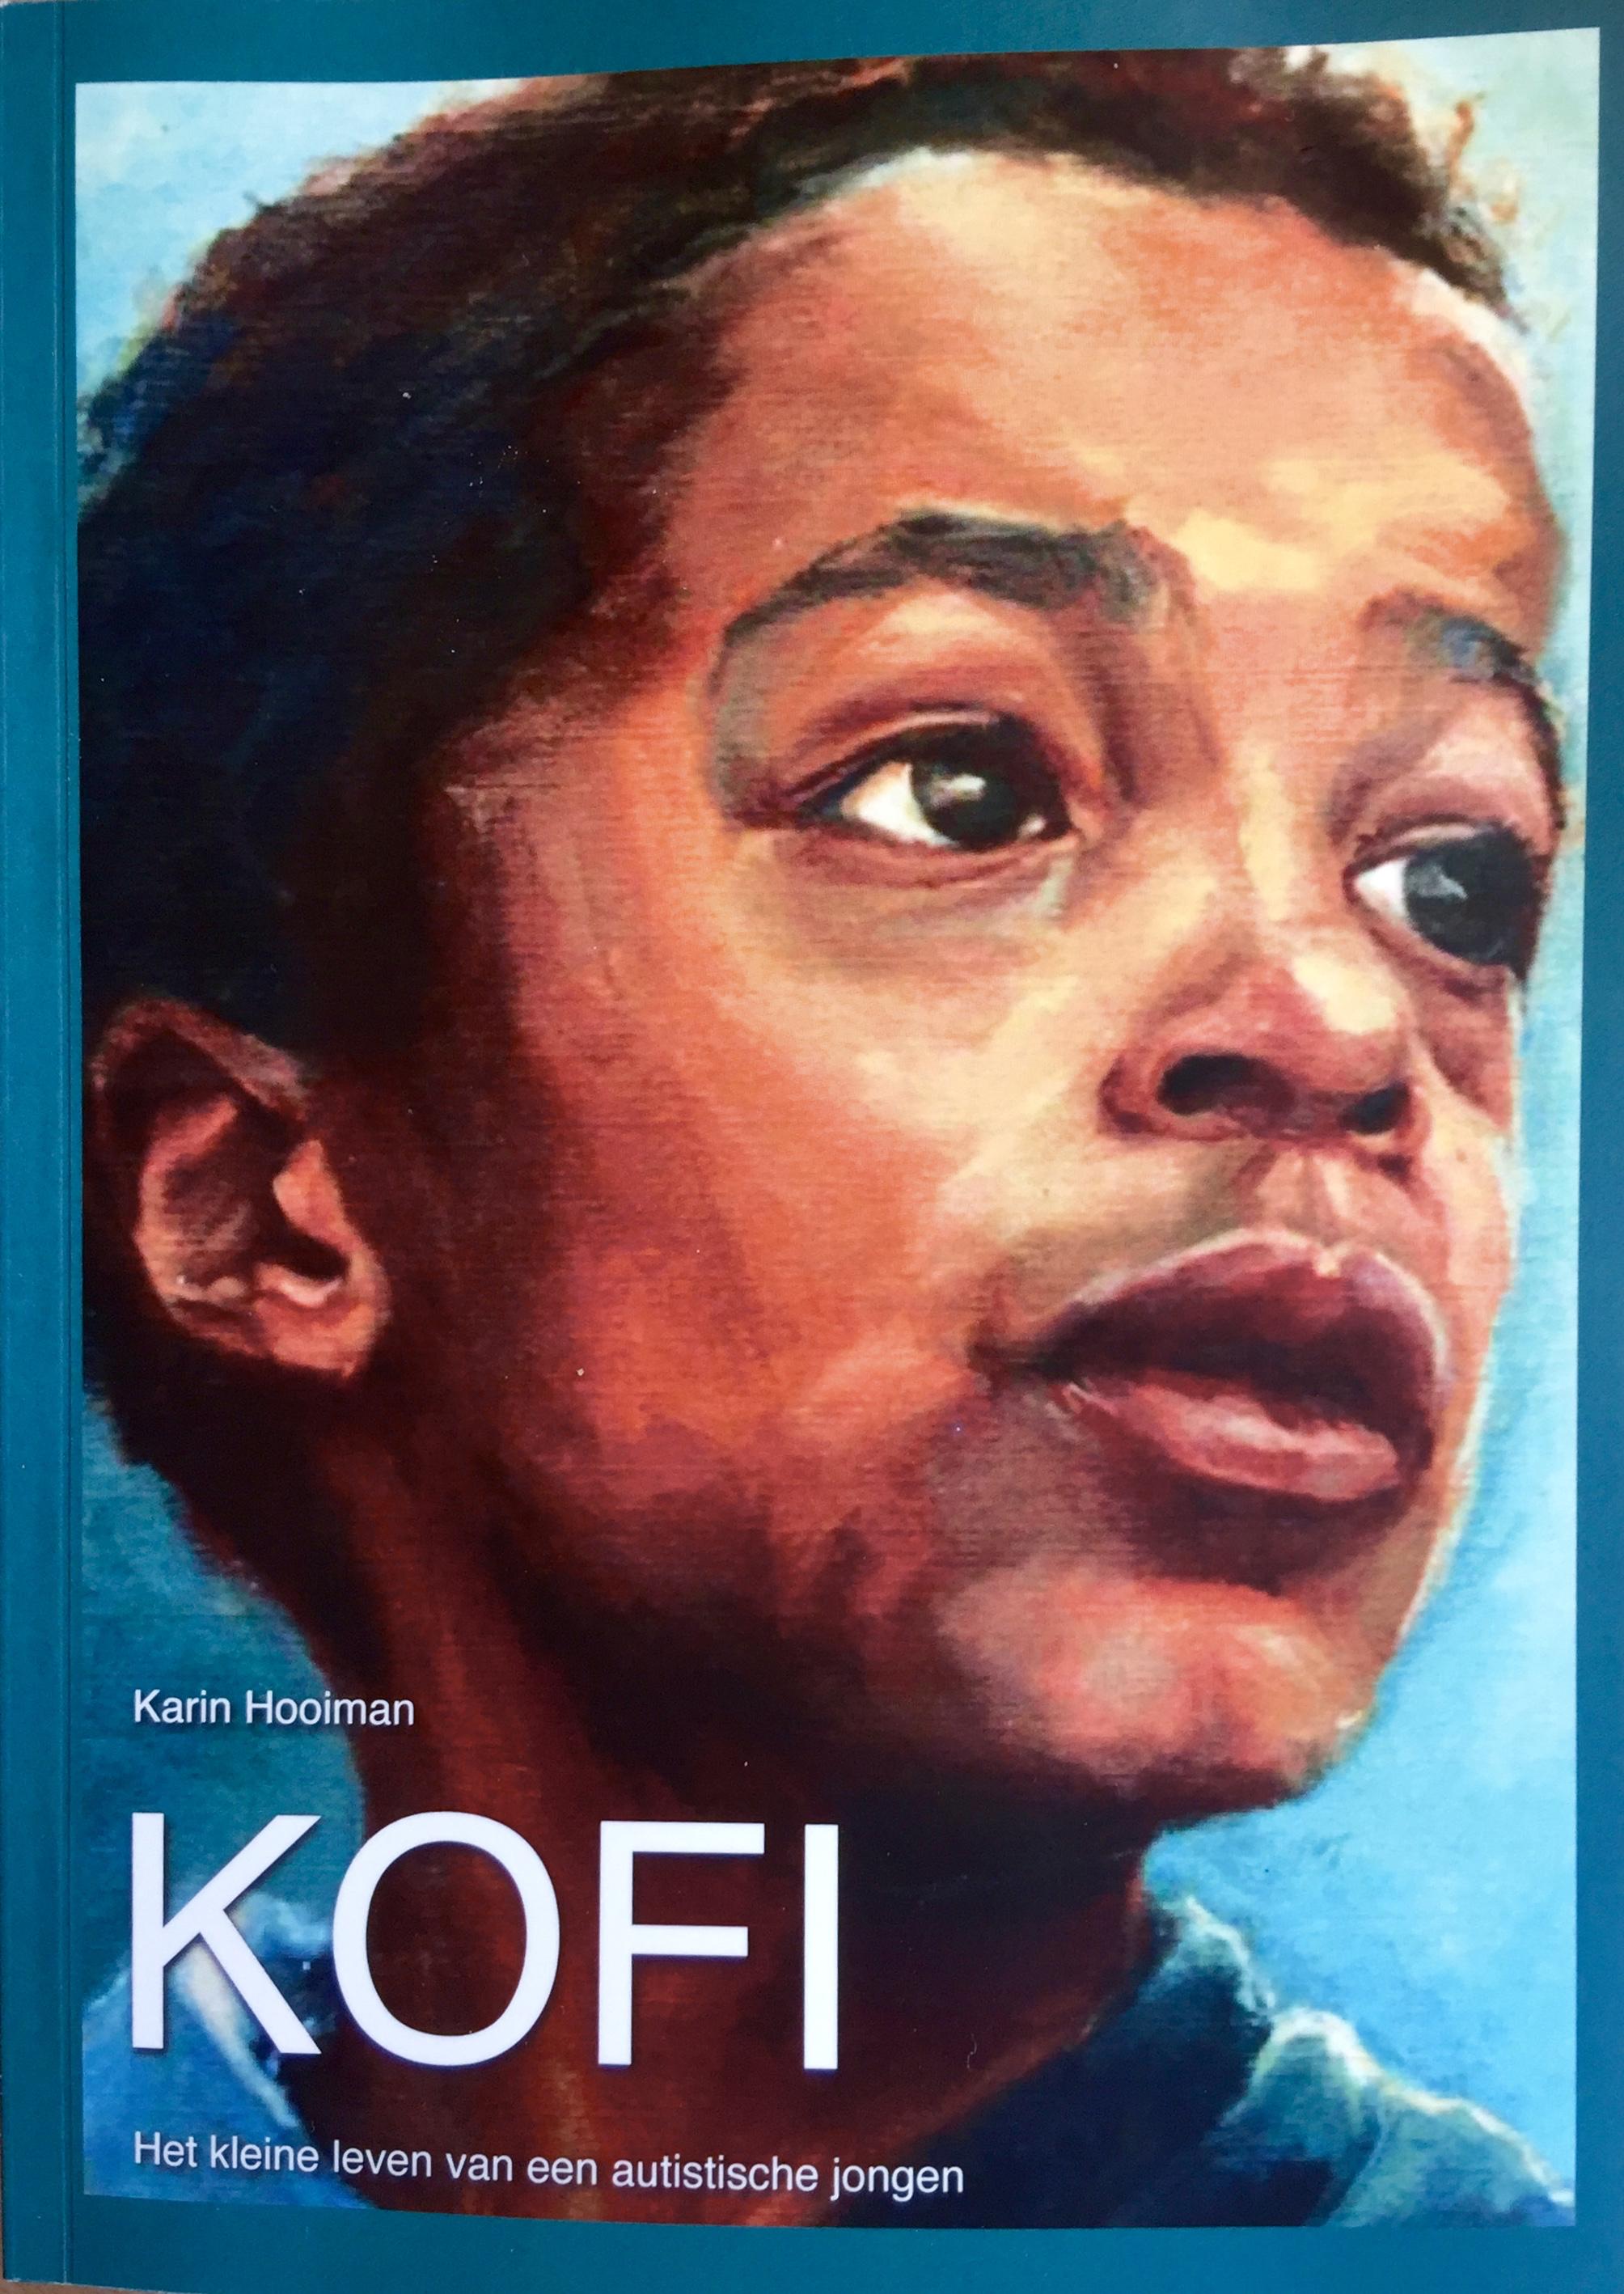 Kofi, het kleine leven